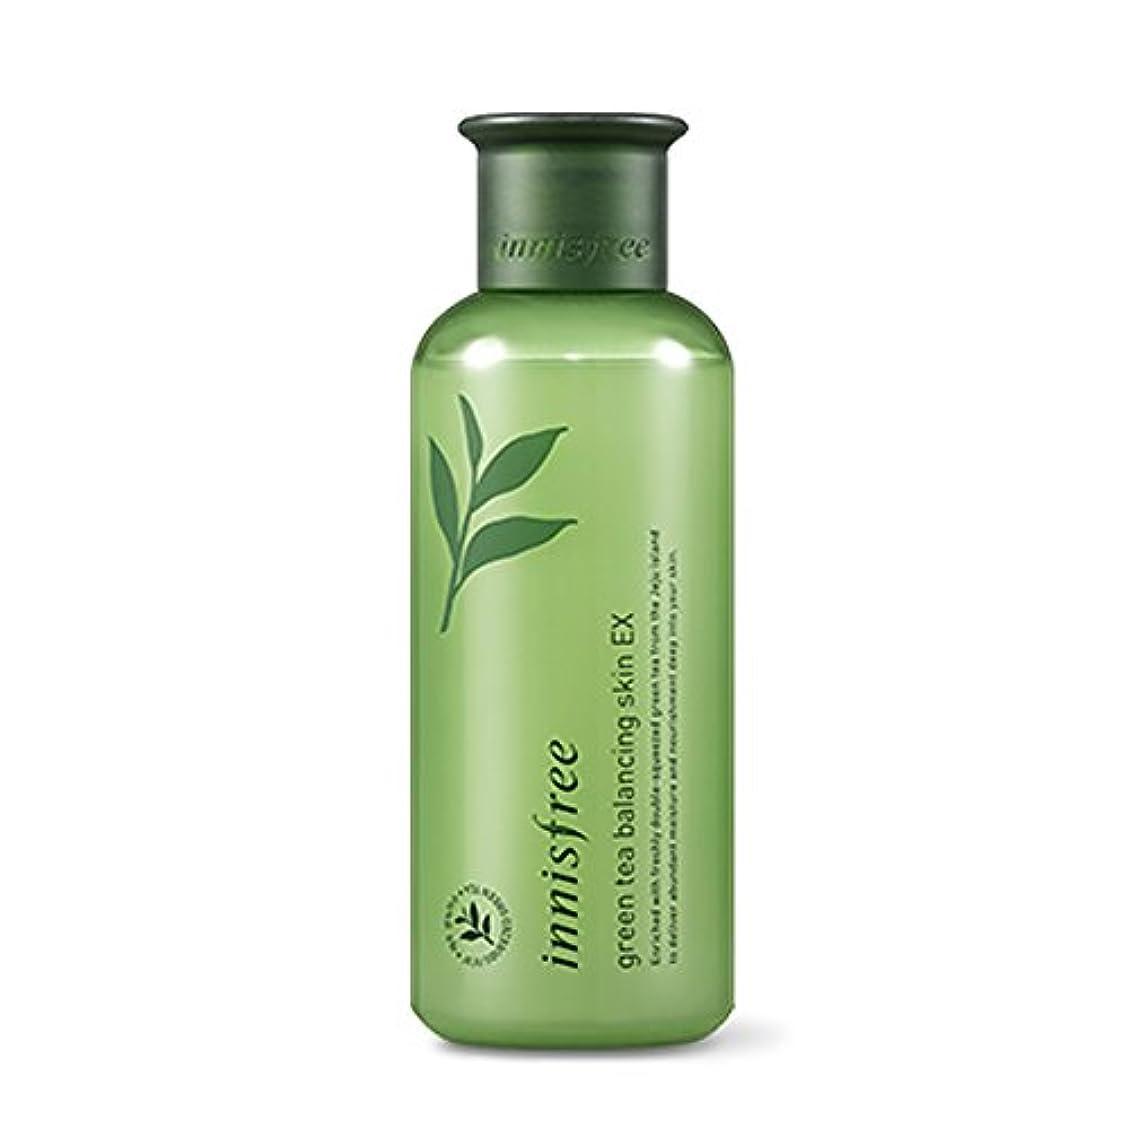 抜け目がないボランティア風邪をひくイニスフリーグリーンティーバランシングスキン(トナー)200ml Innisfree Green Tea Balancing Skin(Toner) 200ml